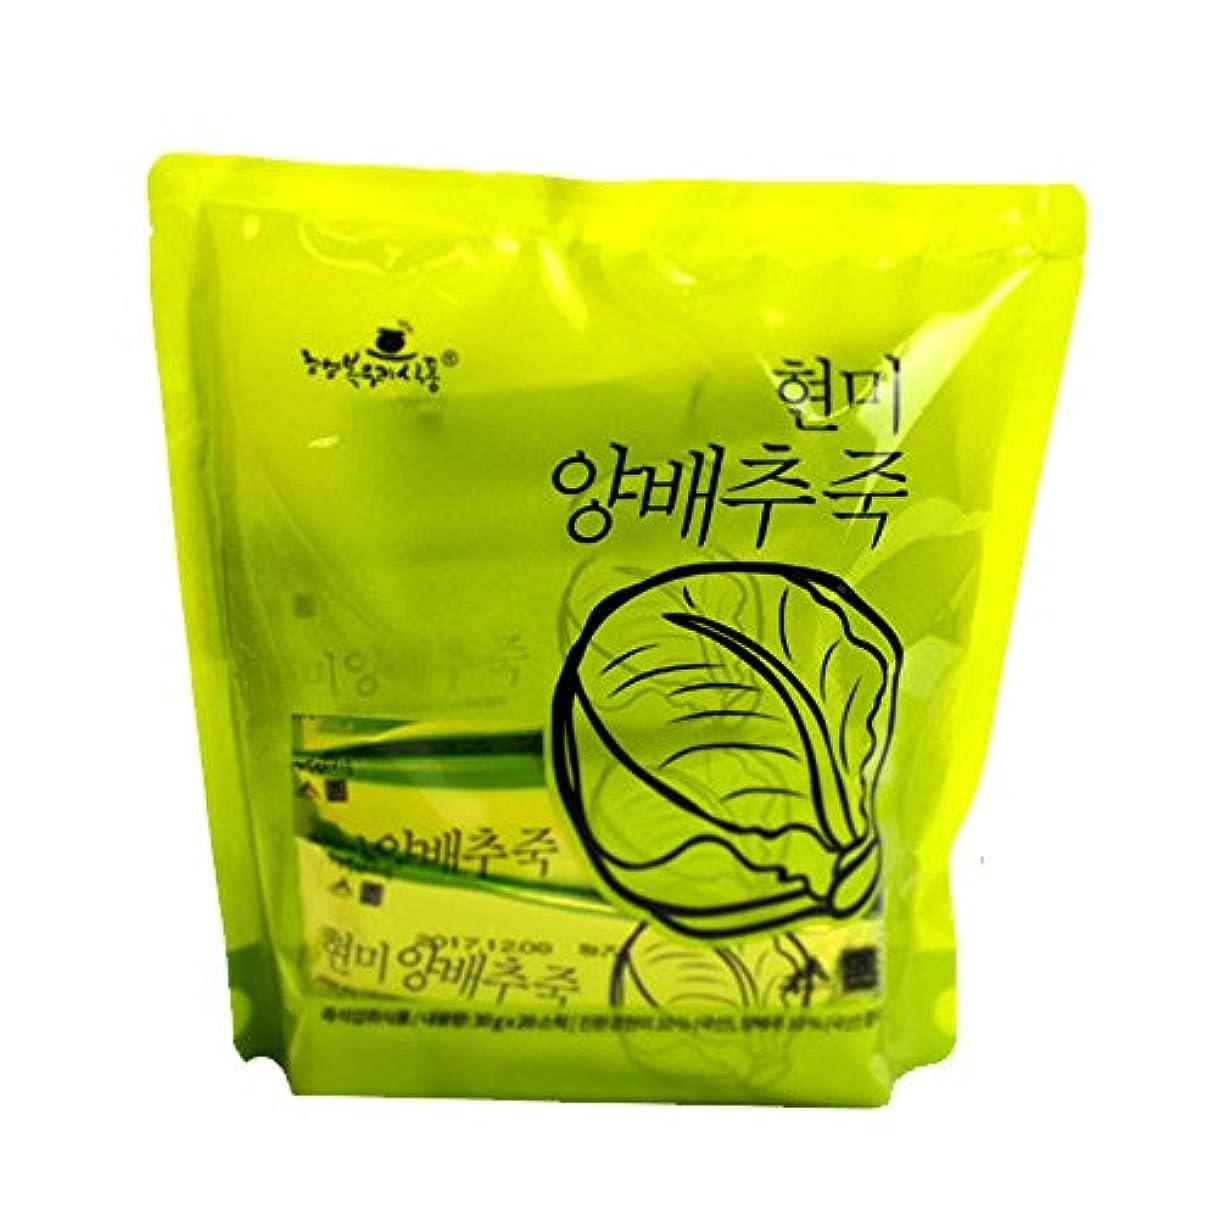 現像無視割れ目1袋110Kcalのお手軽インスタント韓国粥/玄米白菜粥(30g×20袋)